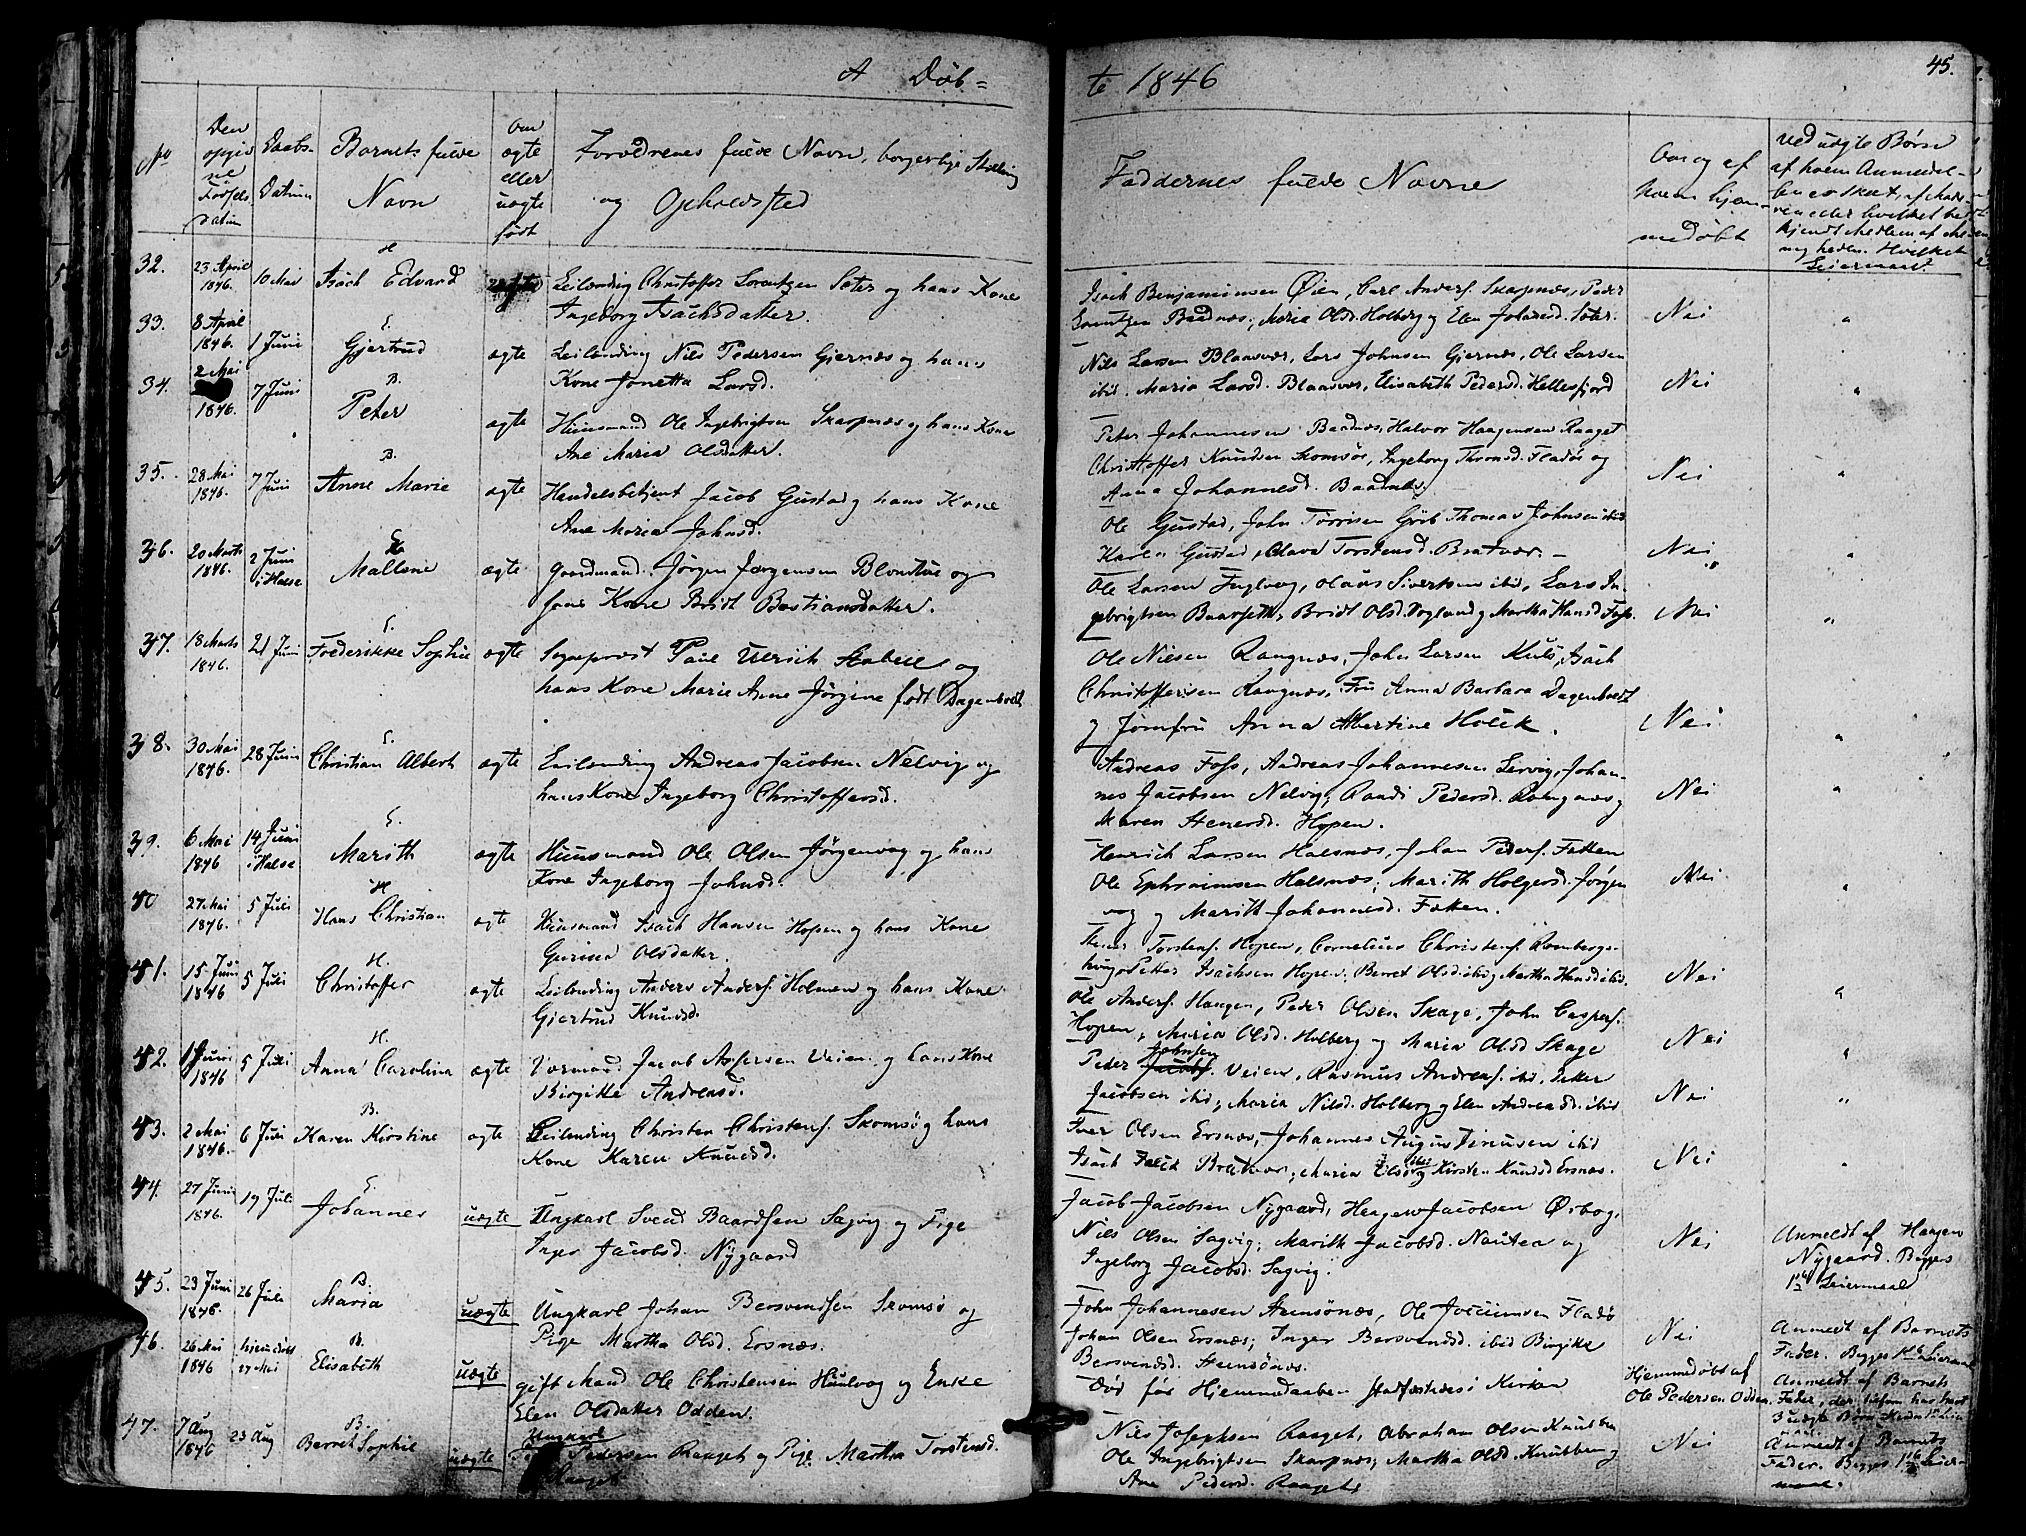 SAT, Ministerialprotokoller, klokkerbøker og fødselsregistre - Møre og Romsdal, 581/L0936: Ministerialbok nr. 581A04, 1836-1852, s. 45